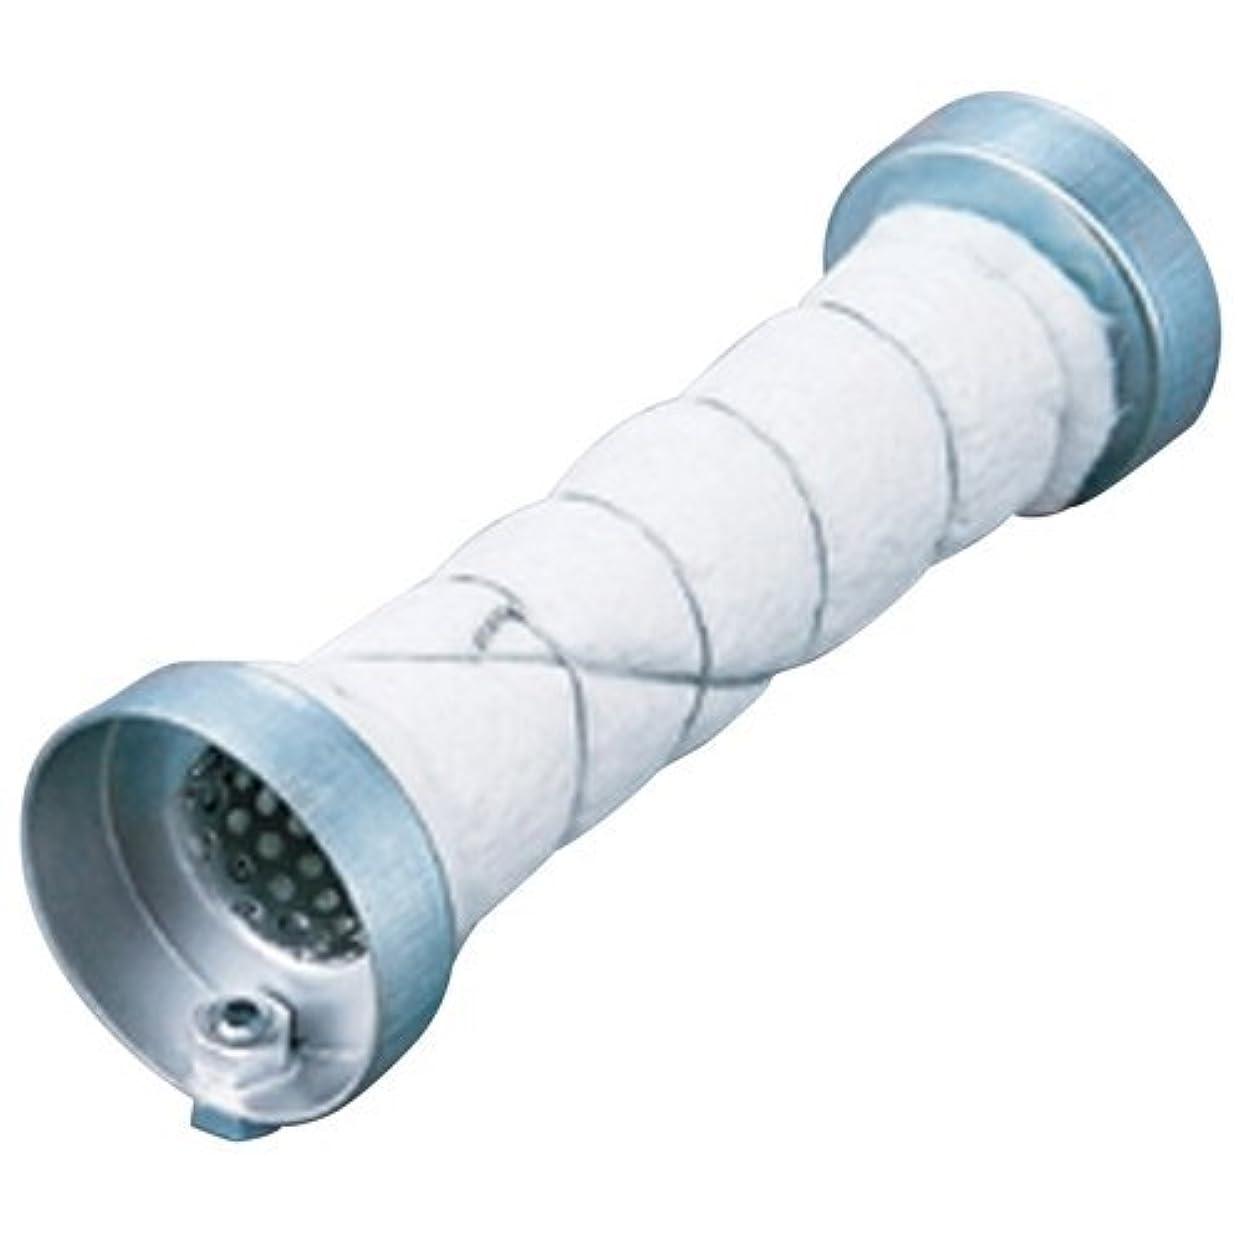 後世テーブルデザイナーEasyRaku バイク マフラー サイレンサー 消音器 インナー インサート バッフル 排気干渉消音タイプ 直径60mm 長さ140mm汎用品 ブラック